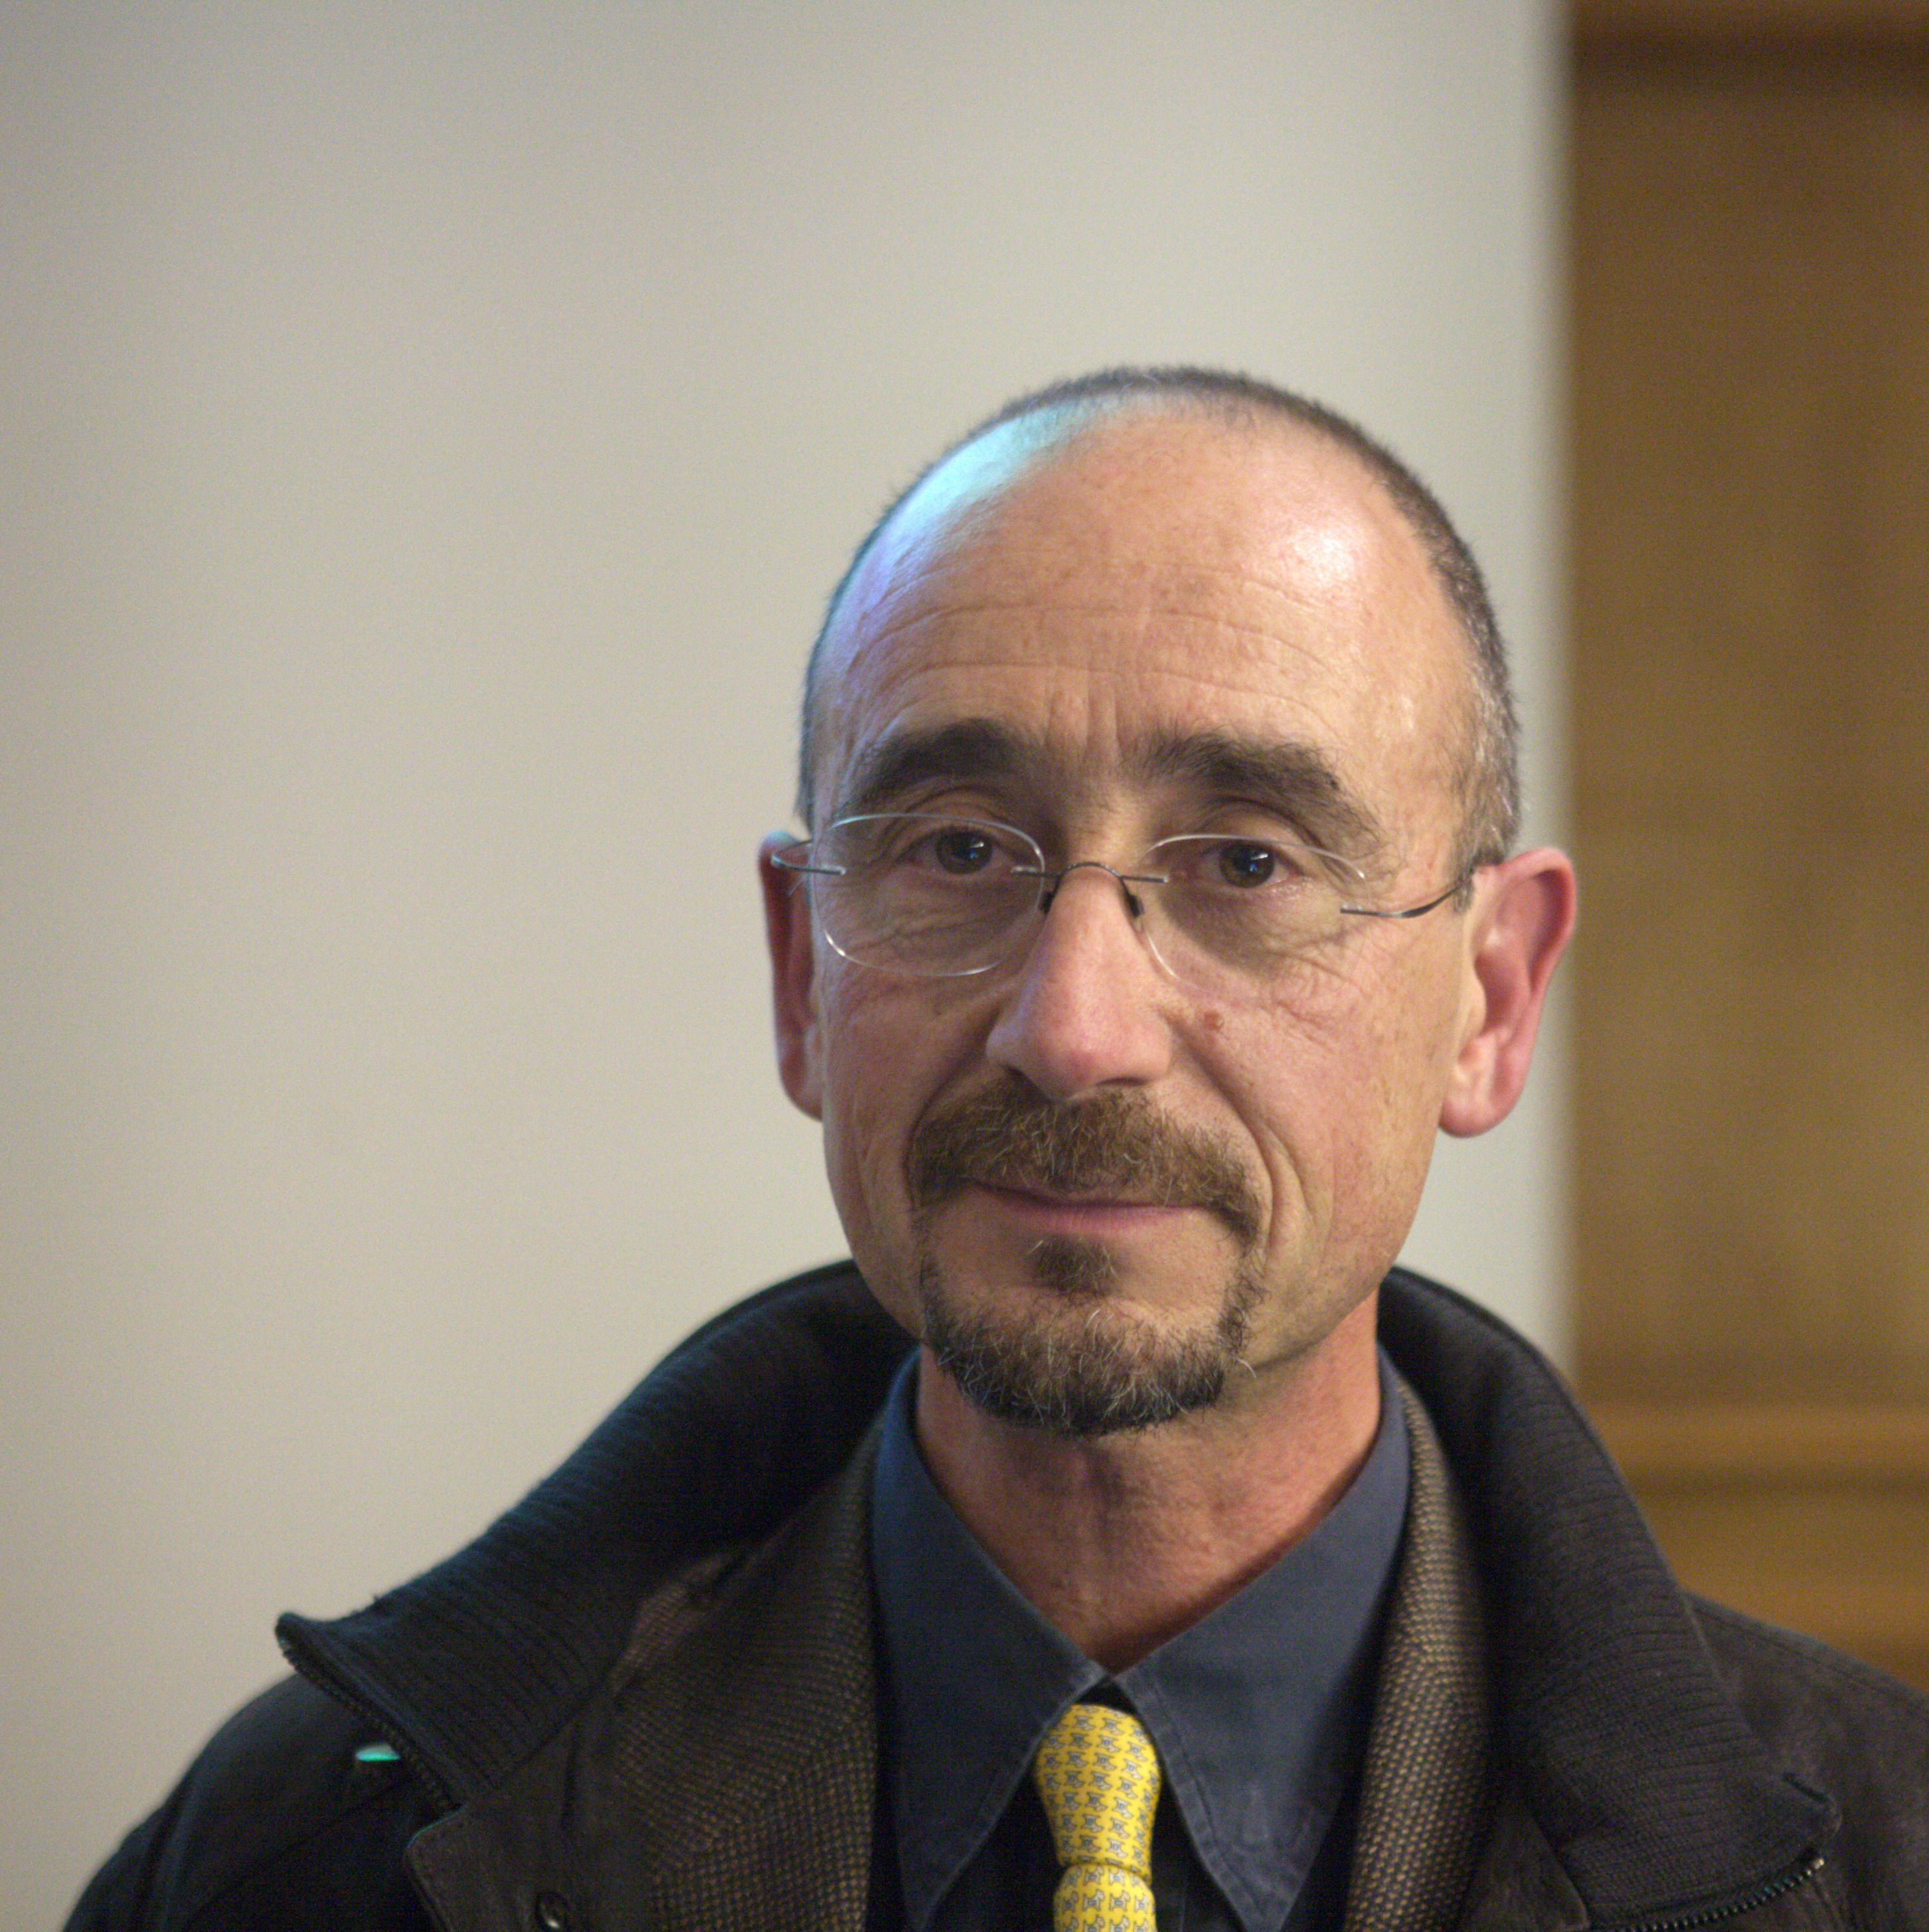 image of Denis Duboule